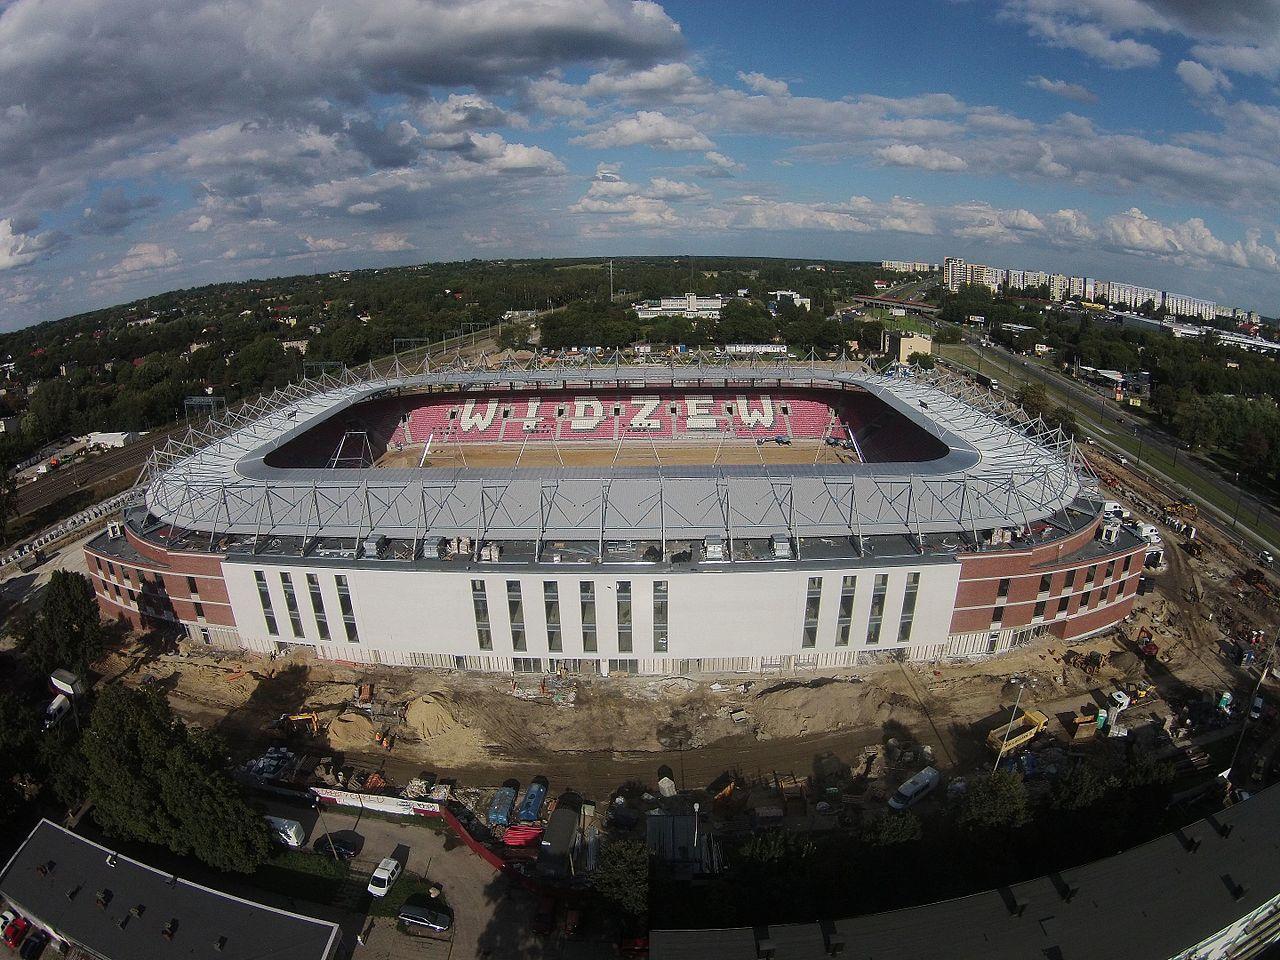 1280px-1._Stadion_Widzewa_w_budowie.jpg